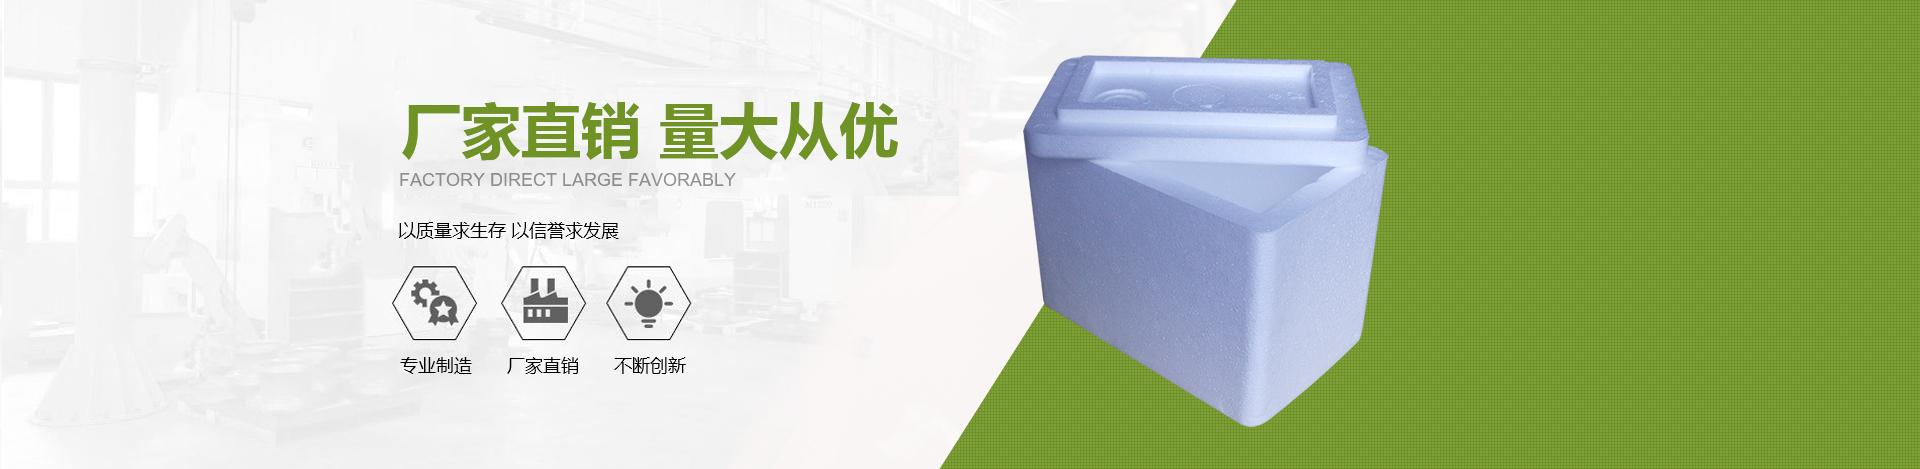 昆山泡沫箱